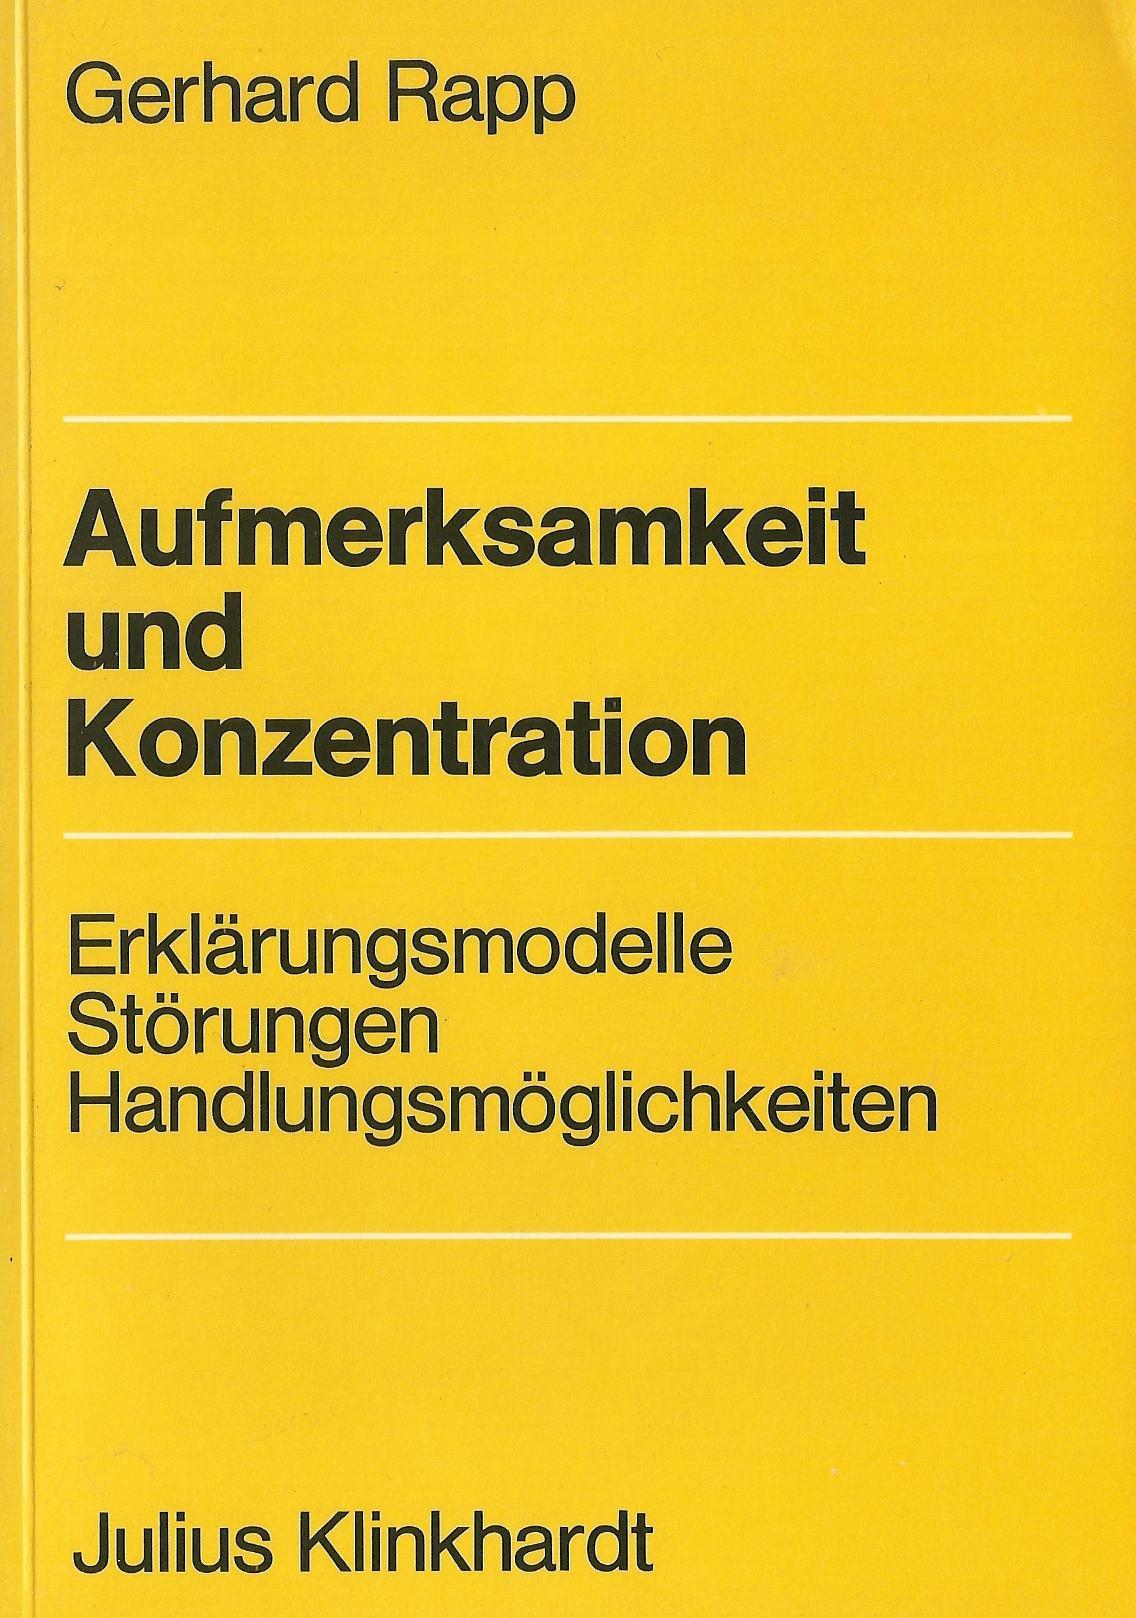 Aufmerksamkeit und Konzentration. Erklärungsmodelle, Störungen ...